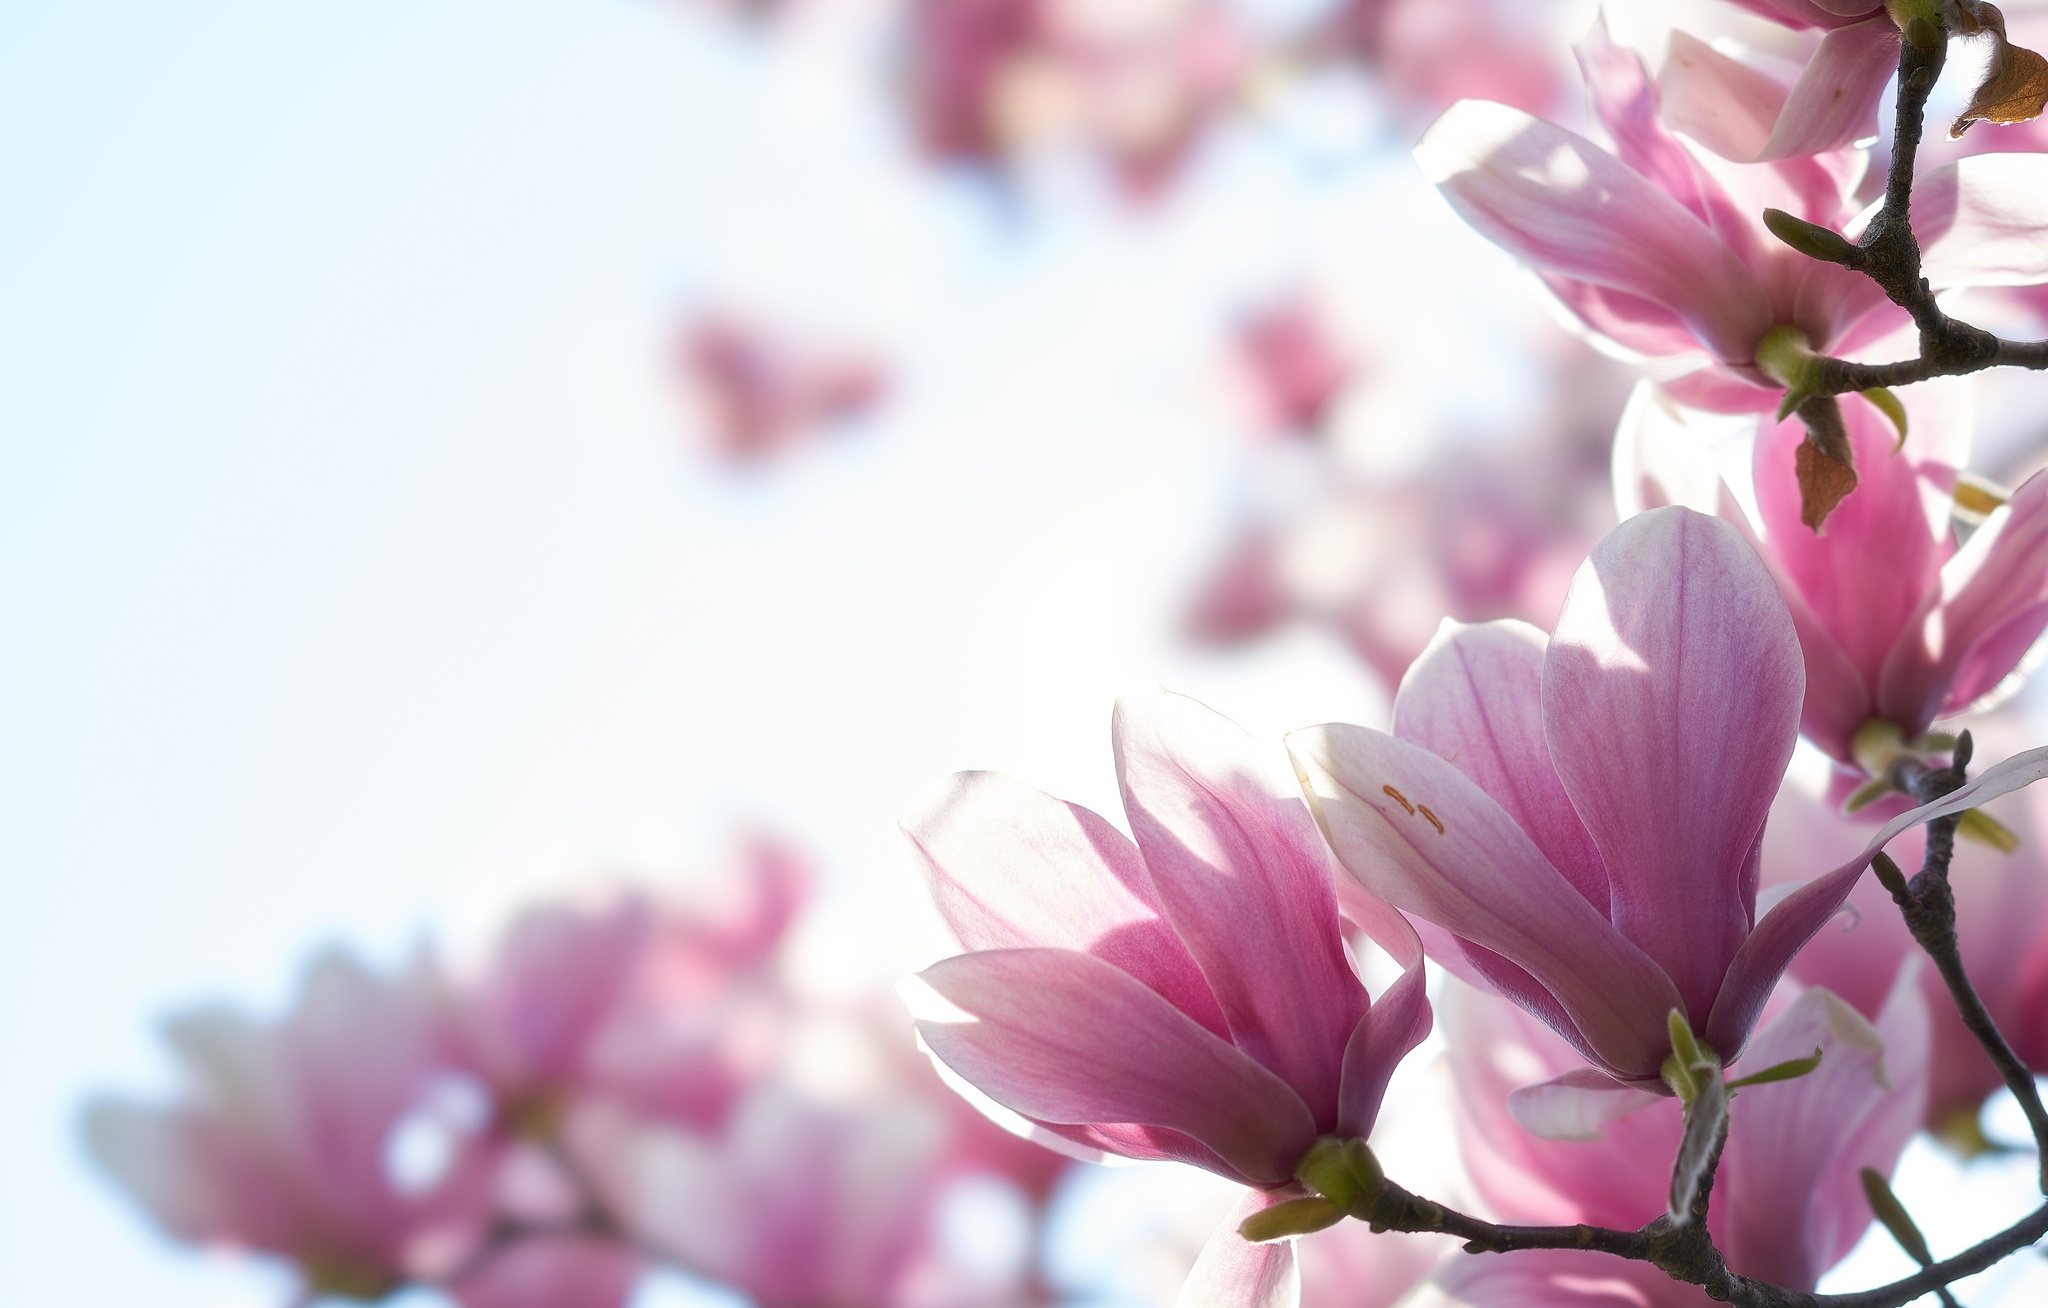 картинки с высоким разрешением вертикаль цветы был населенный пункт